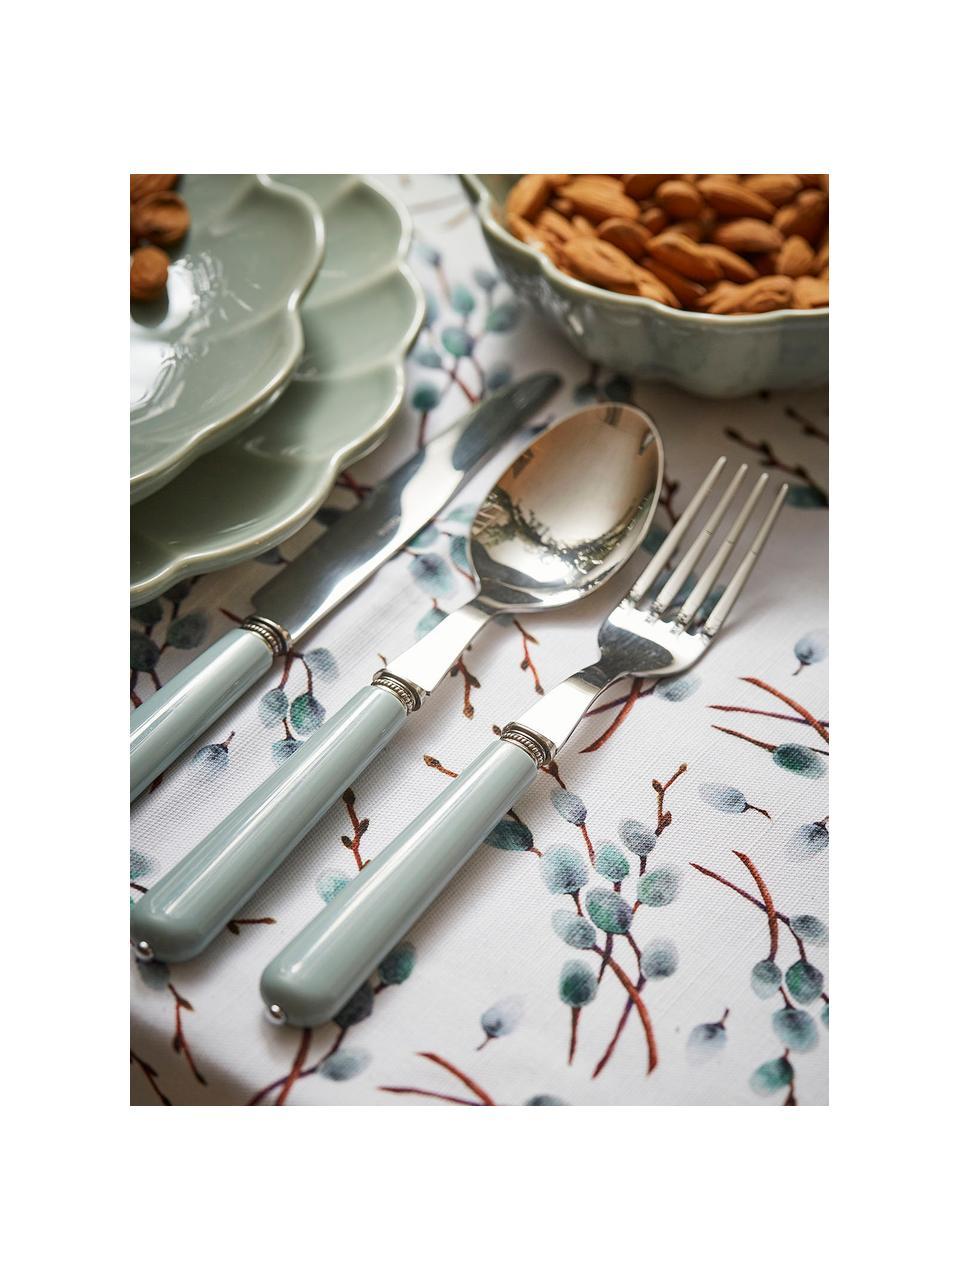 Baumwoll-Tischdecke Genevrier mit Zweigmotiven, 100% Baumwolle, Weiß, Grau, Braun, Für 4 - 6 Personen (B 160 x L 160 cm)